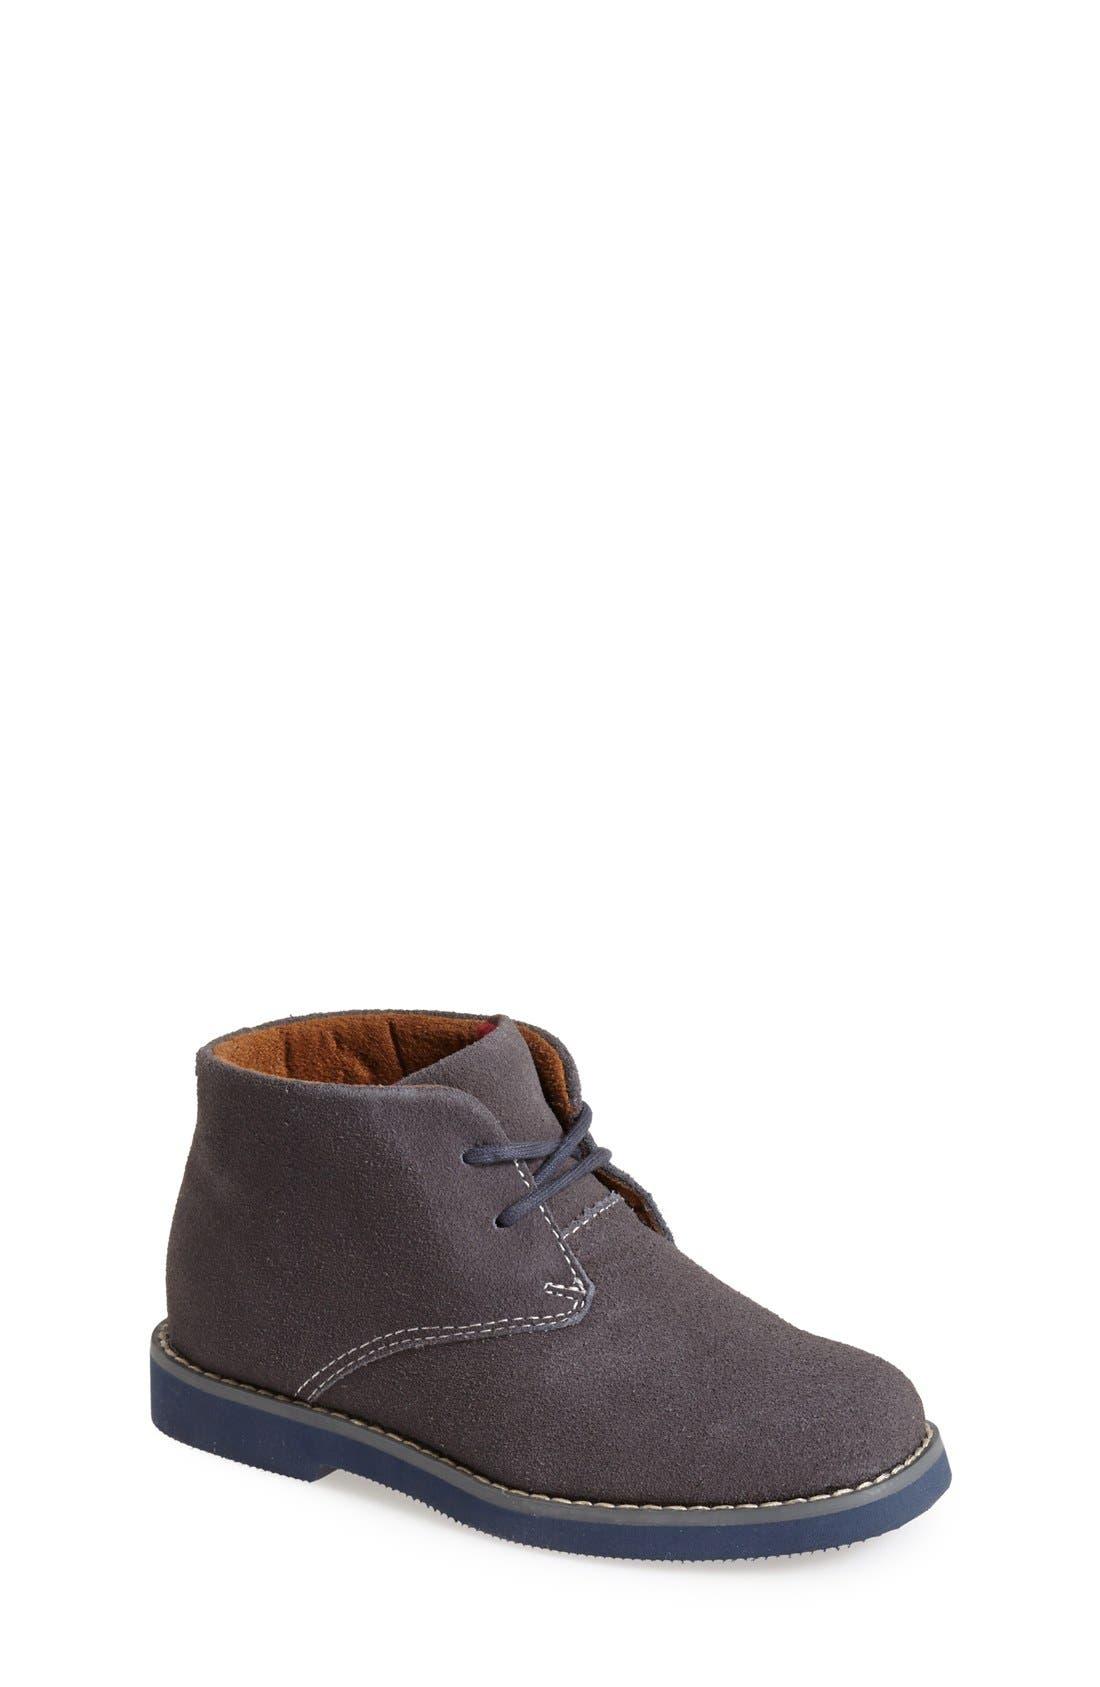 'Quinlan' Chukka Boot,                             Main thumbnail 1, color,                             Grey/ Navy Sole